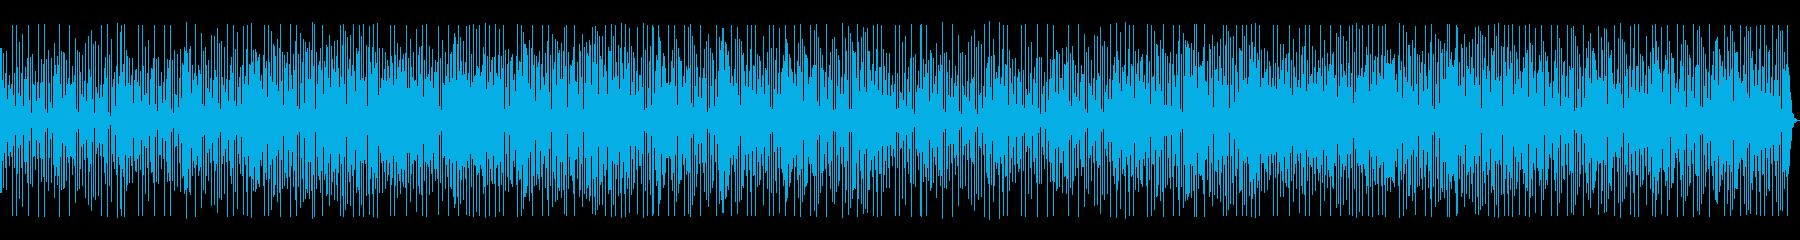 フルート、タンブラ、ジャンベをフィ...の再生済みの波形